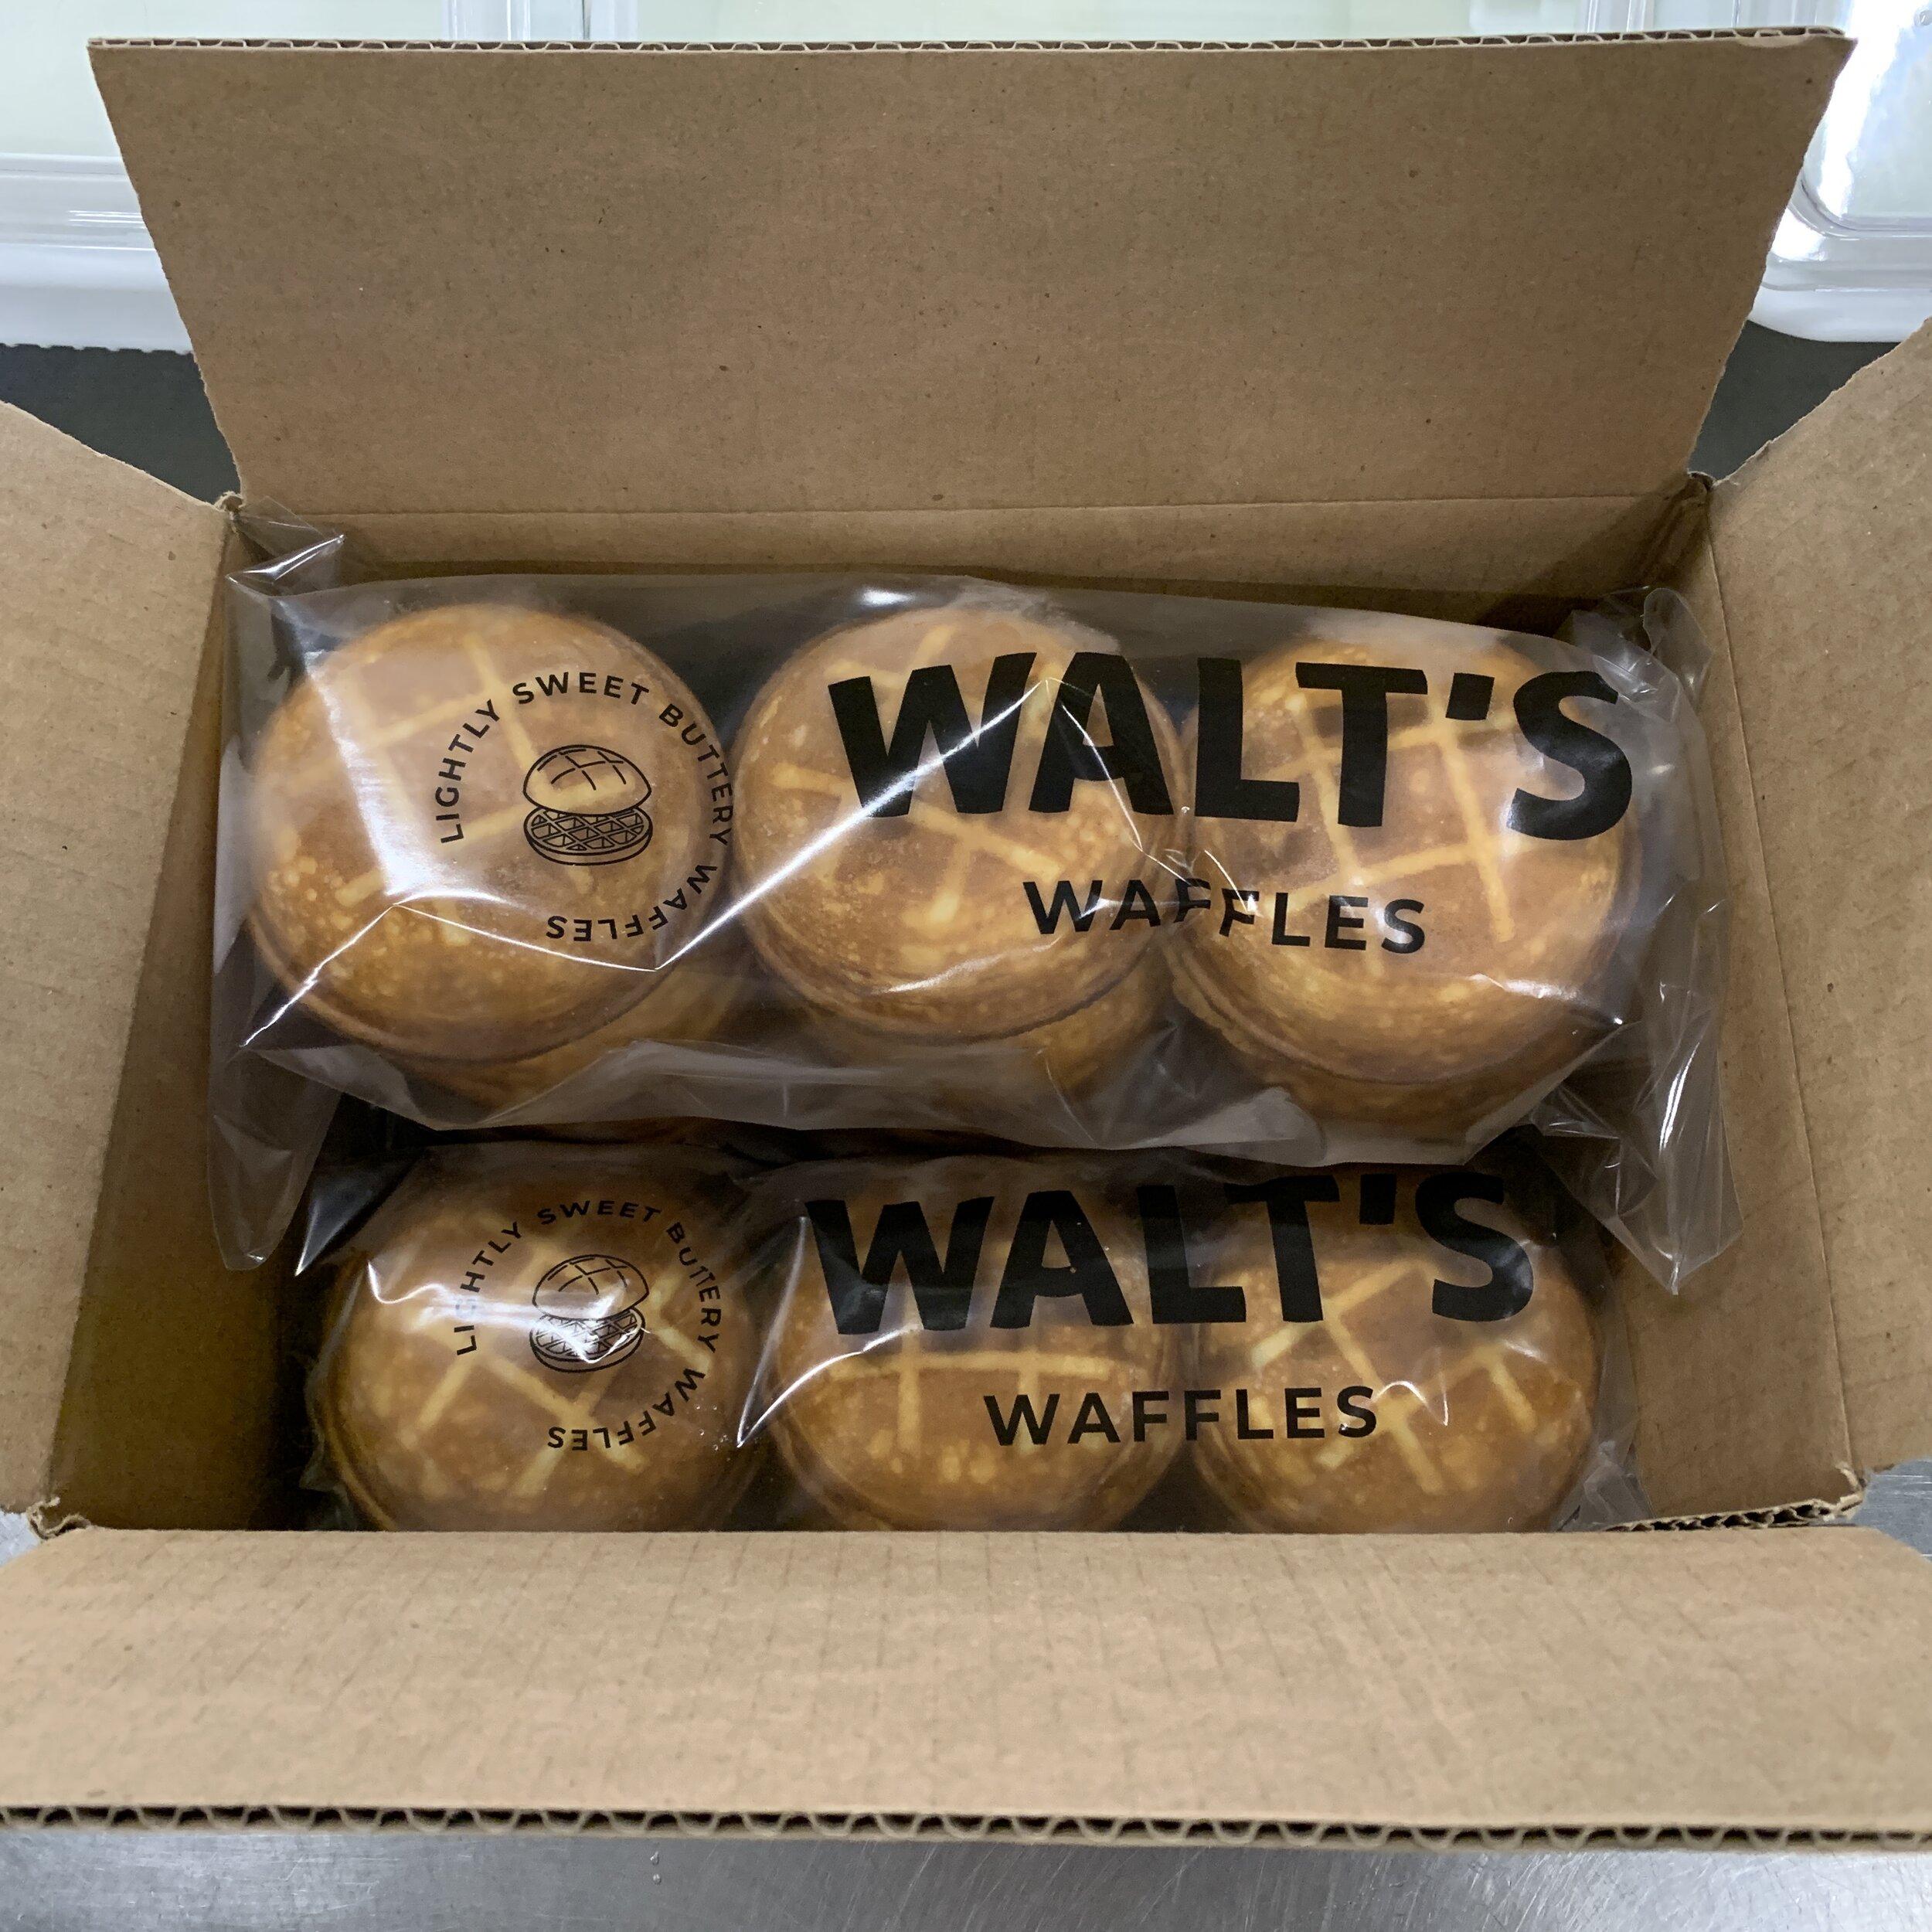 Walts+Waffle+Buns